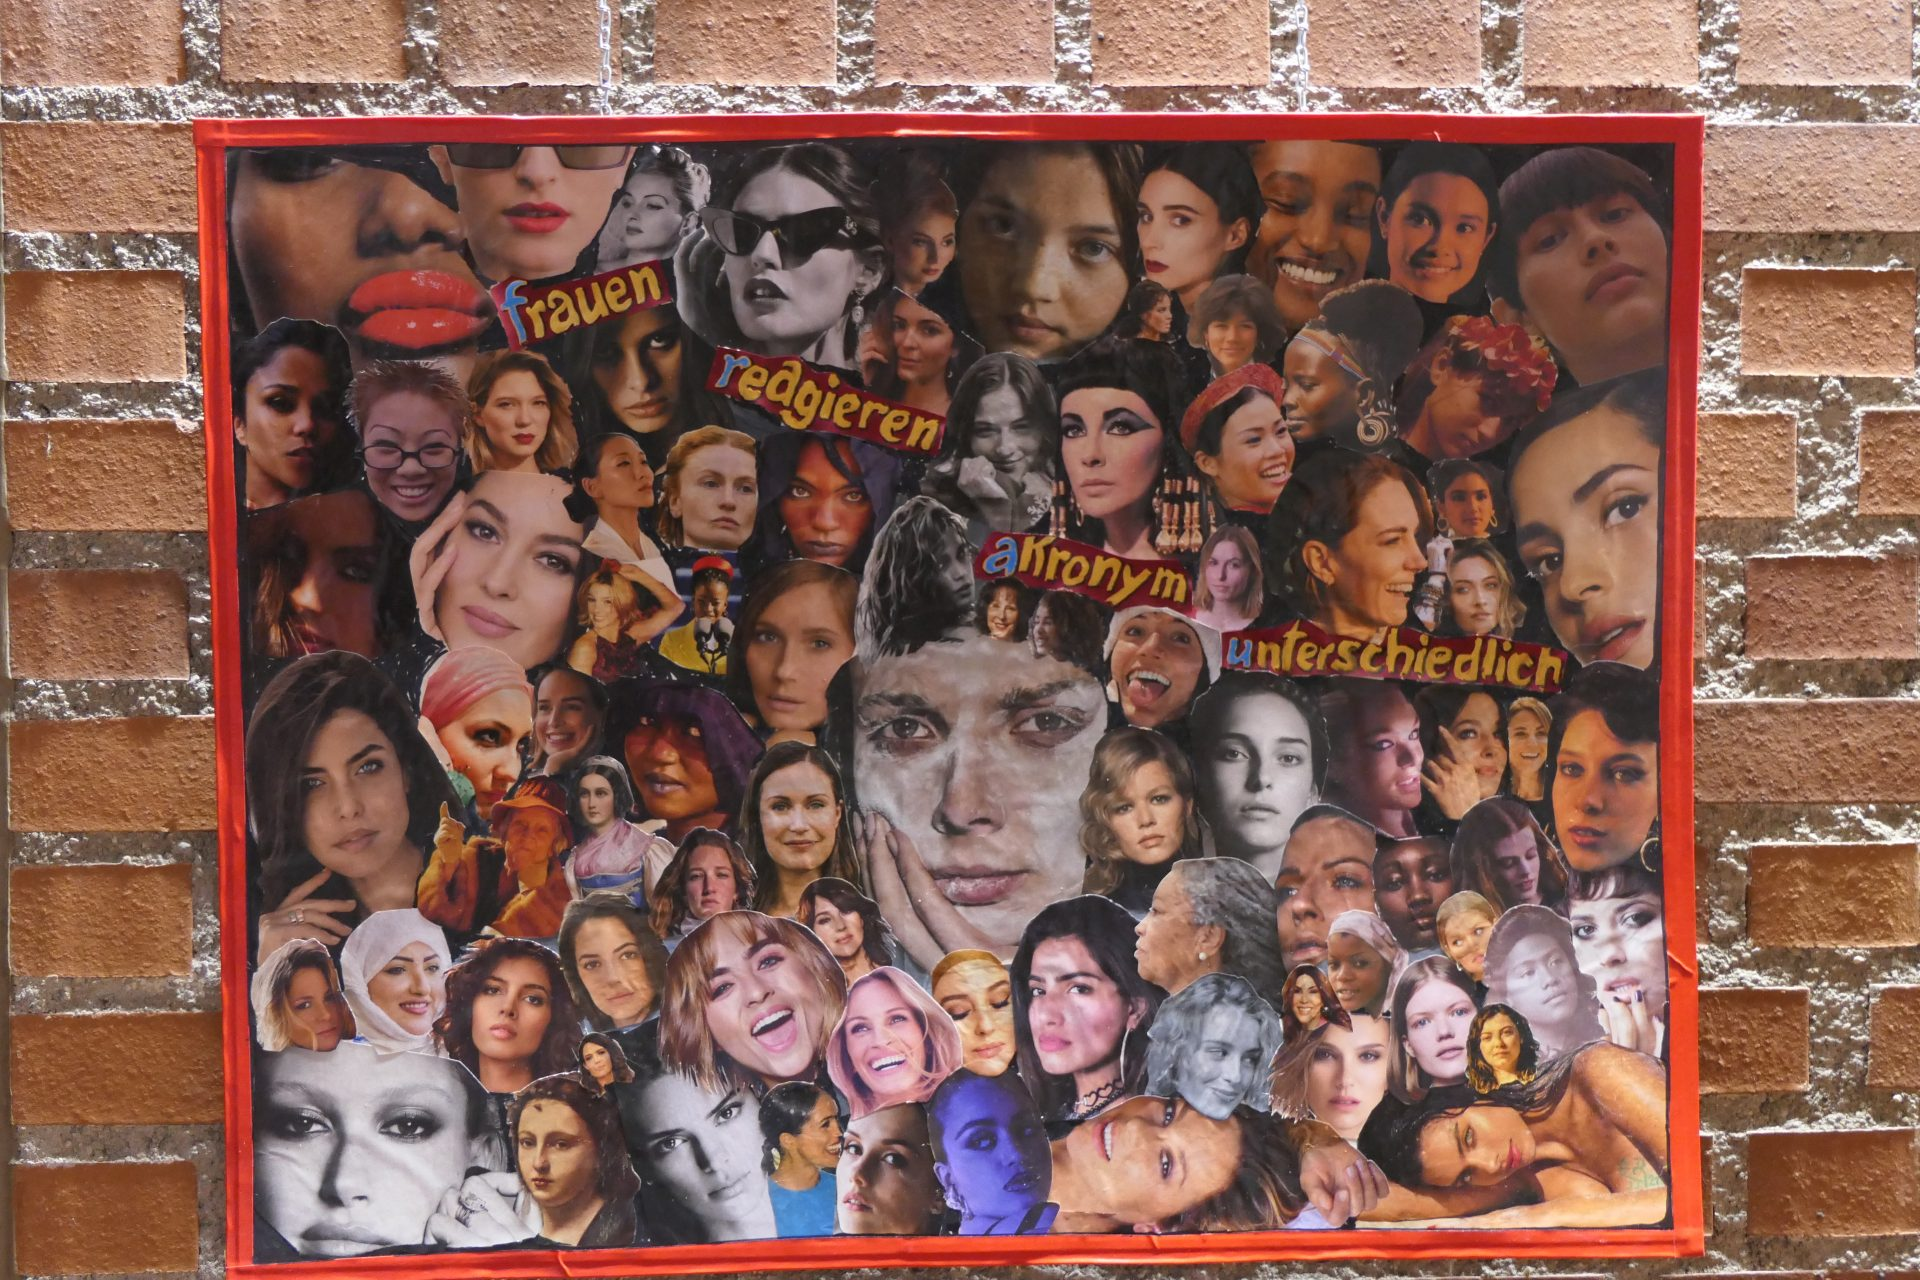 Frauen reagieren akronym unterschiedlich von Ricci Eckert, Collage